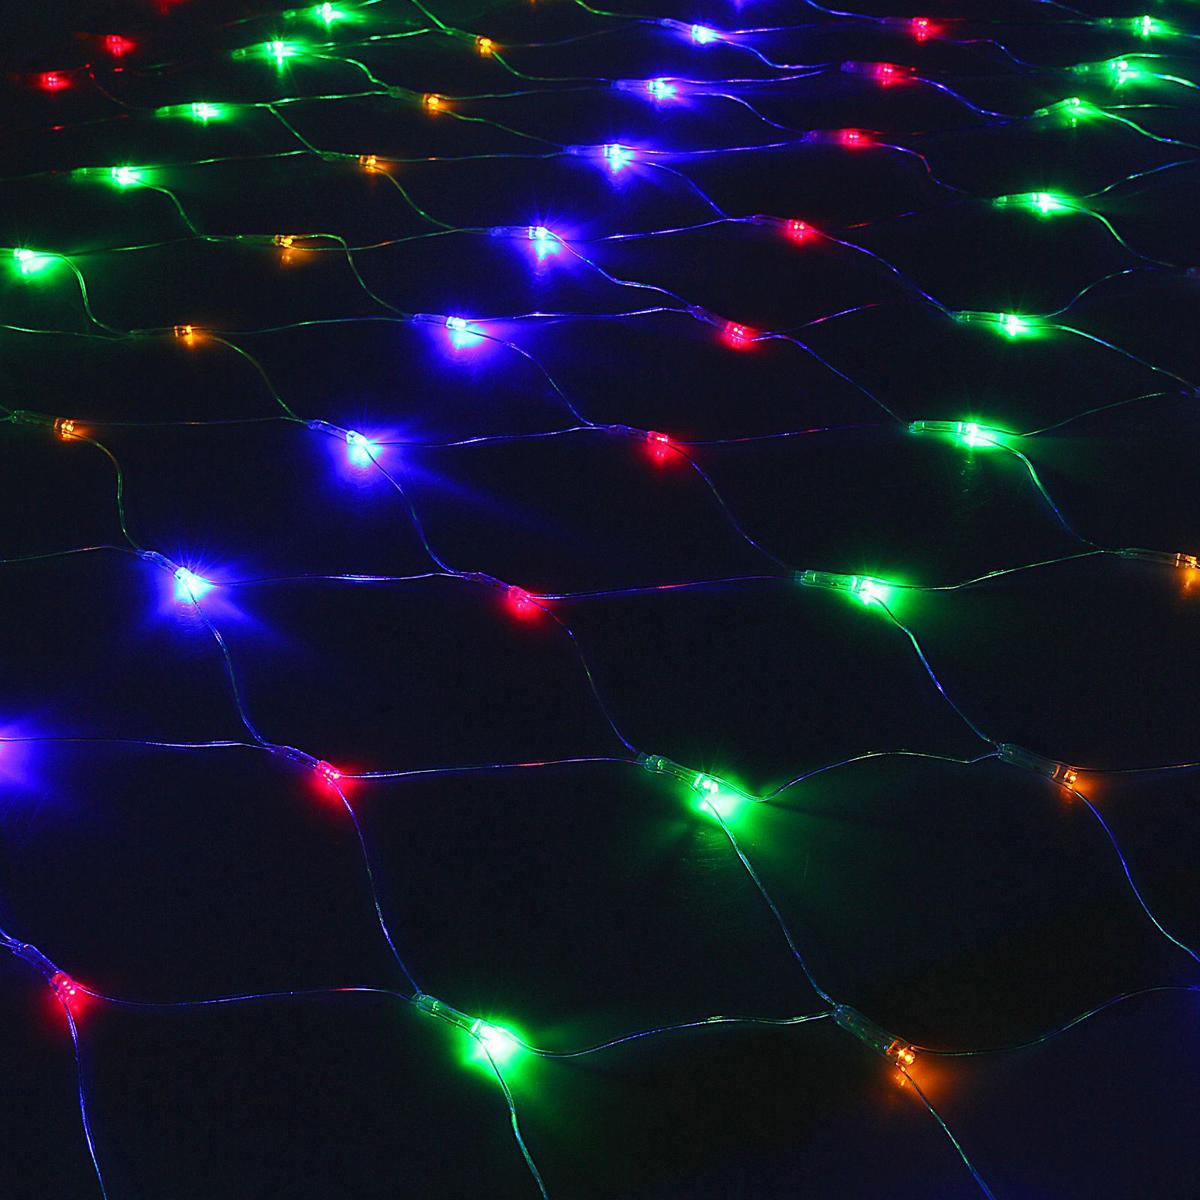 Гирлянда Luazon Сетка, длина 1,5 м, LED 240 ламп, 220V, цвет: мультиколор. 10804961080496Светодиодные гирлянды, ленты и т.д — это отличный вариант для новогоднего оформления интерьера или фасада. С их помощью помещение любого размера можно превратить в праздничный зал, а внешние элементы зданий, украшенные ими, мгновенно станут напоминать очертания сказочного дворца. Такие украшения создают ауру предвкушения чуда. Деревья, фасады, витрины, окна и арки будто специально созданы, чтобы вы украсили их светящимися нитями.